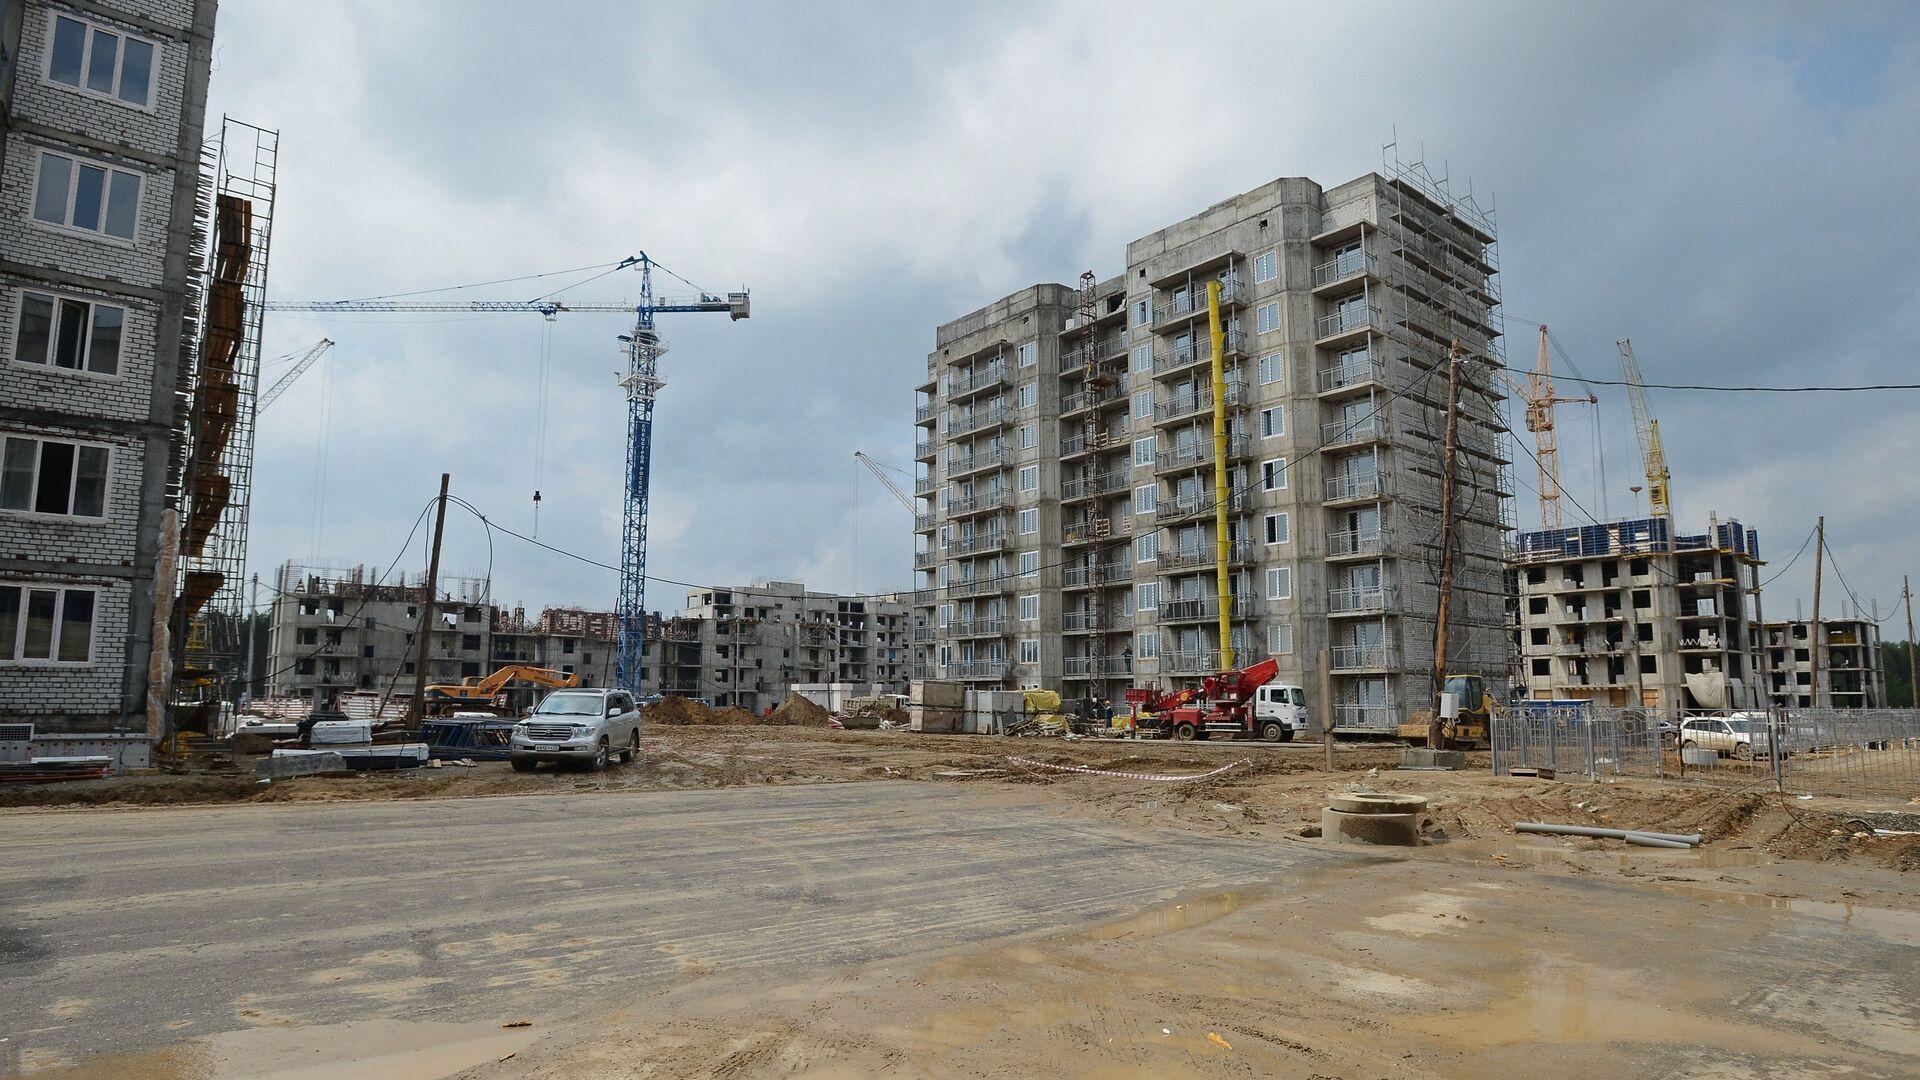 Строительство жилых домов - РИА Новости, 1920, 21.09.2020